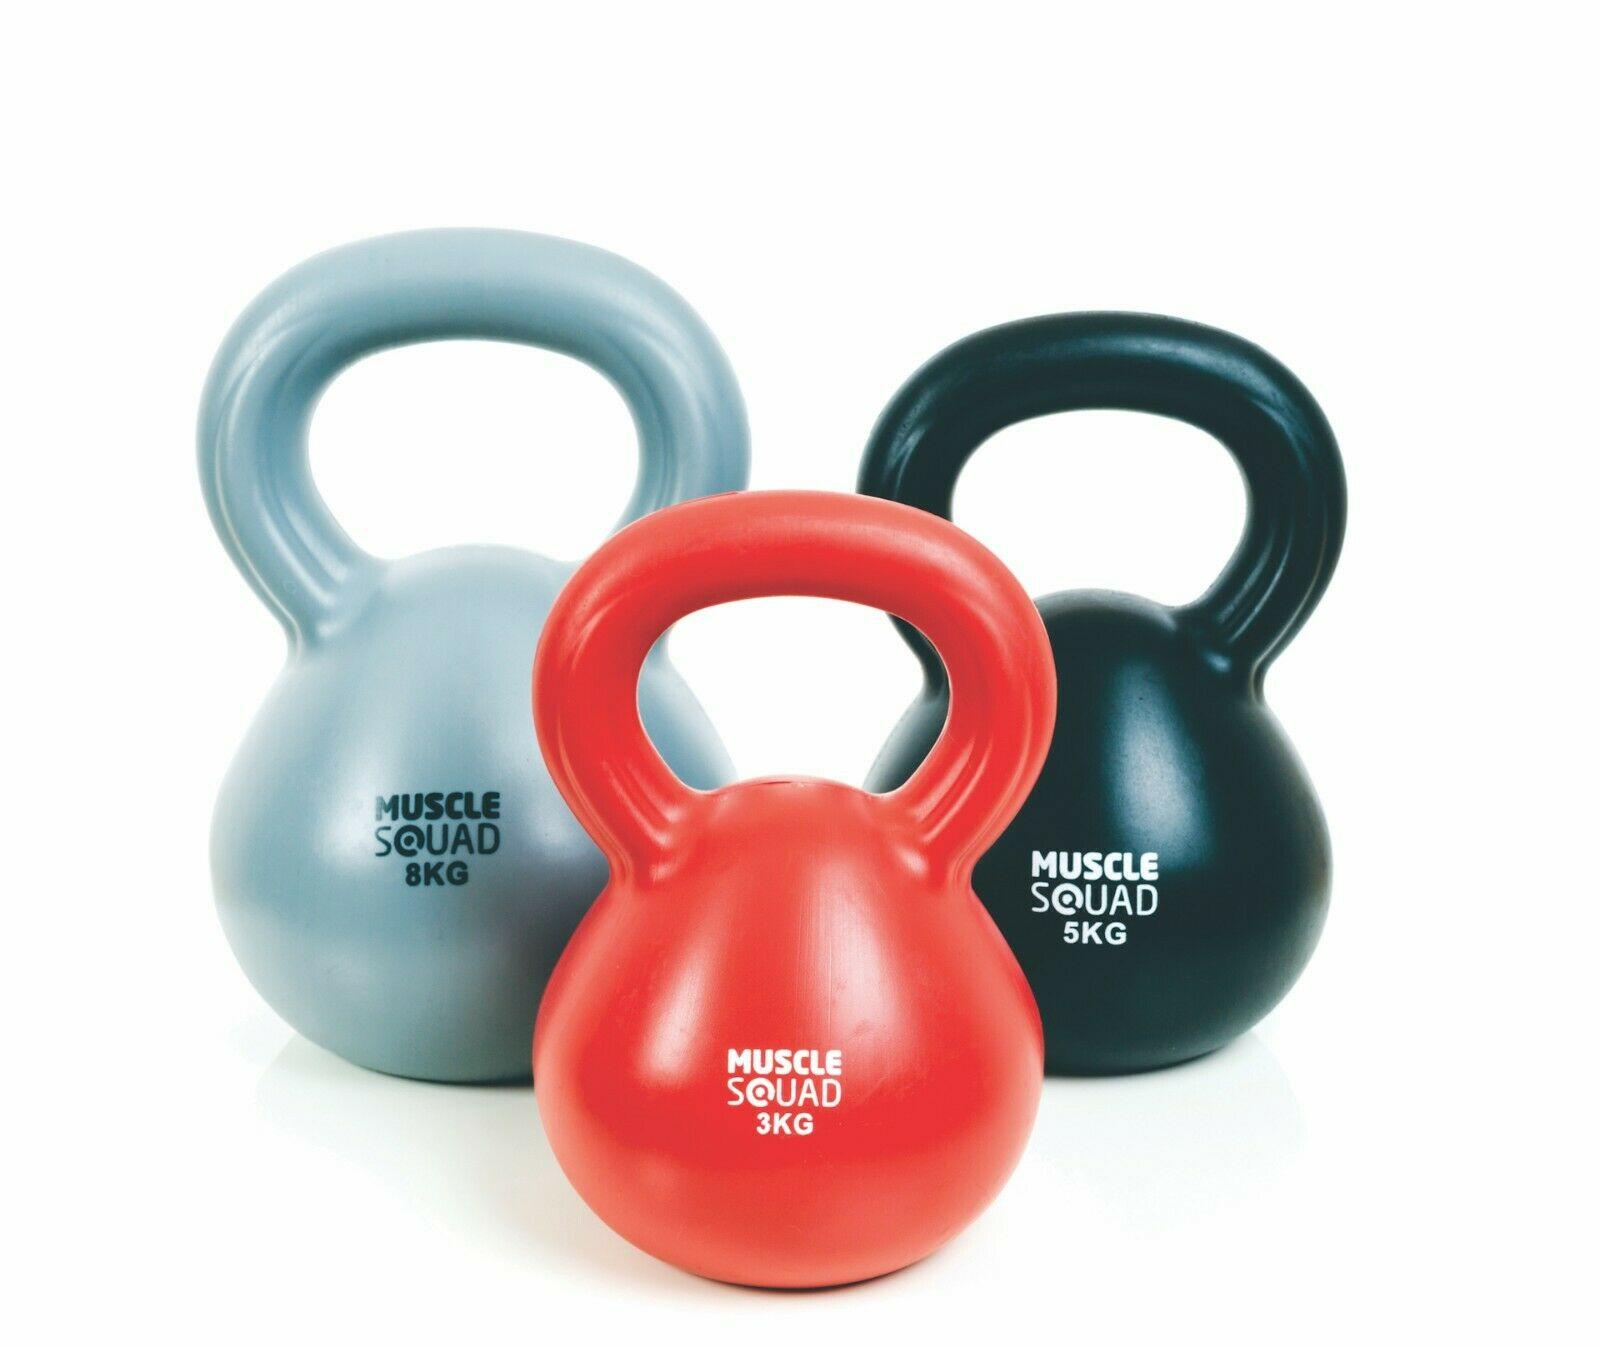 Musclesquad Kettlebell Set 3kg, 5kg, & 8kg set for £22.09 delivered @ eBay / musclesquad